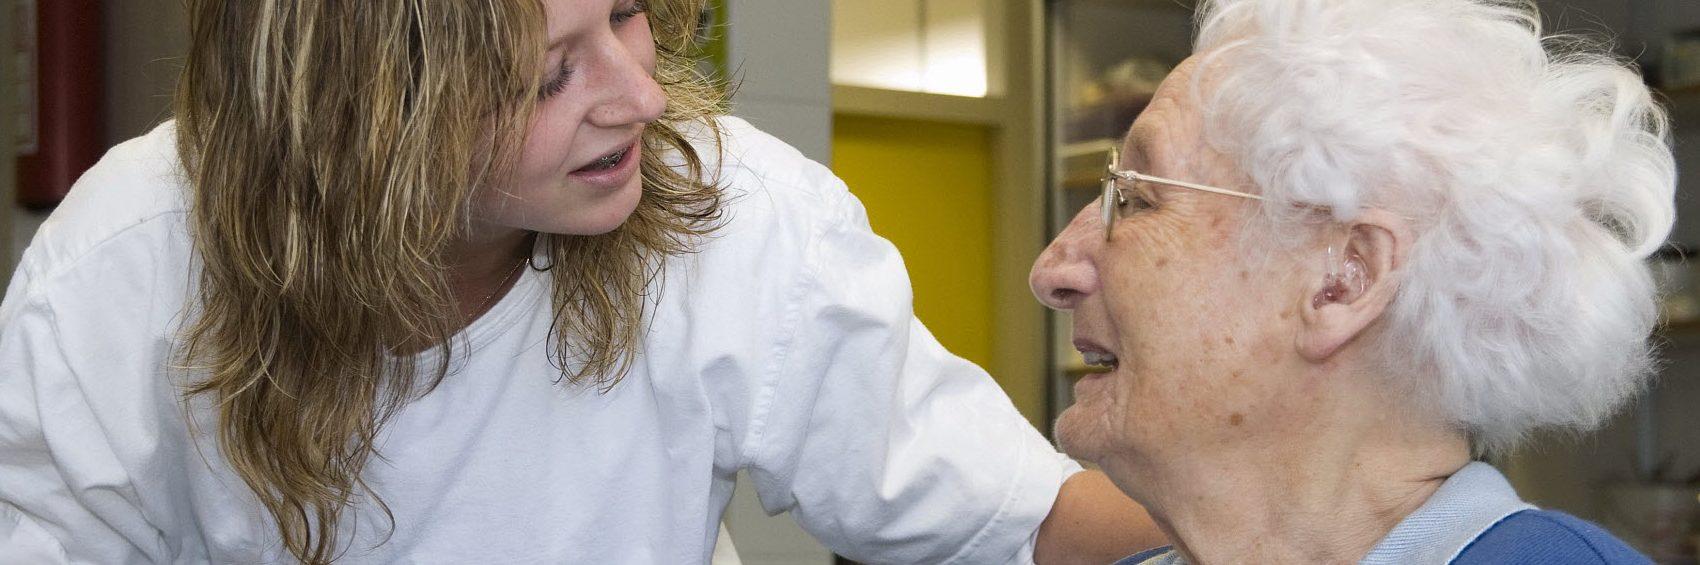 Verpleegster met oudere